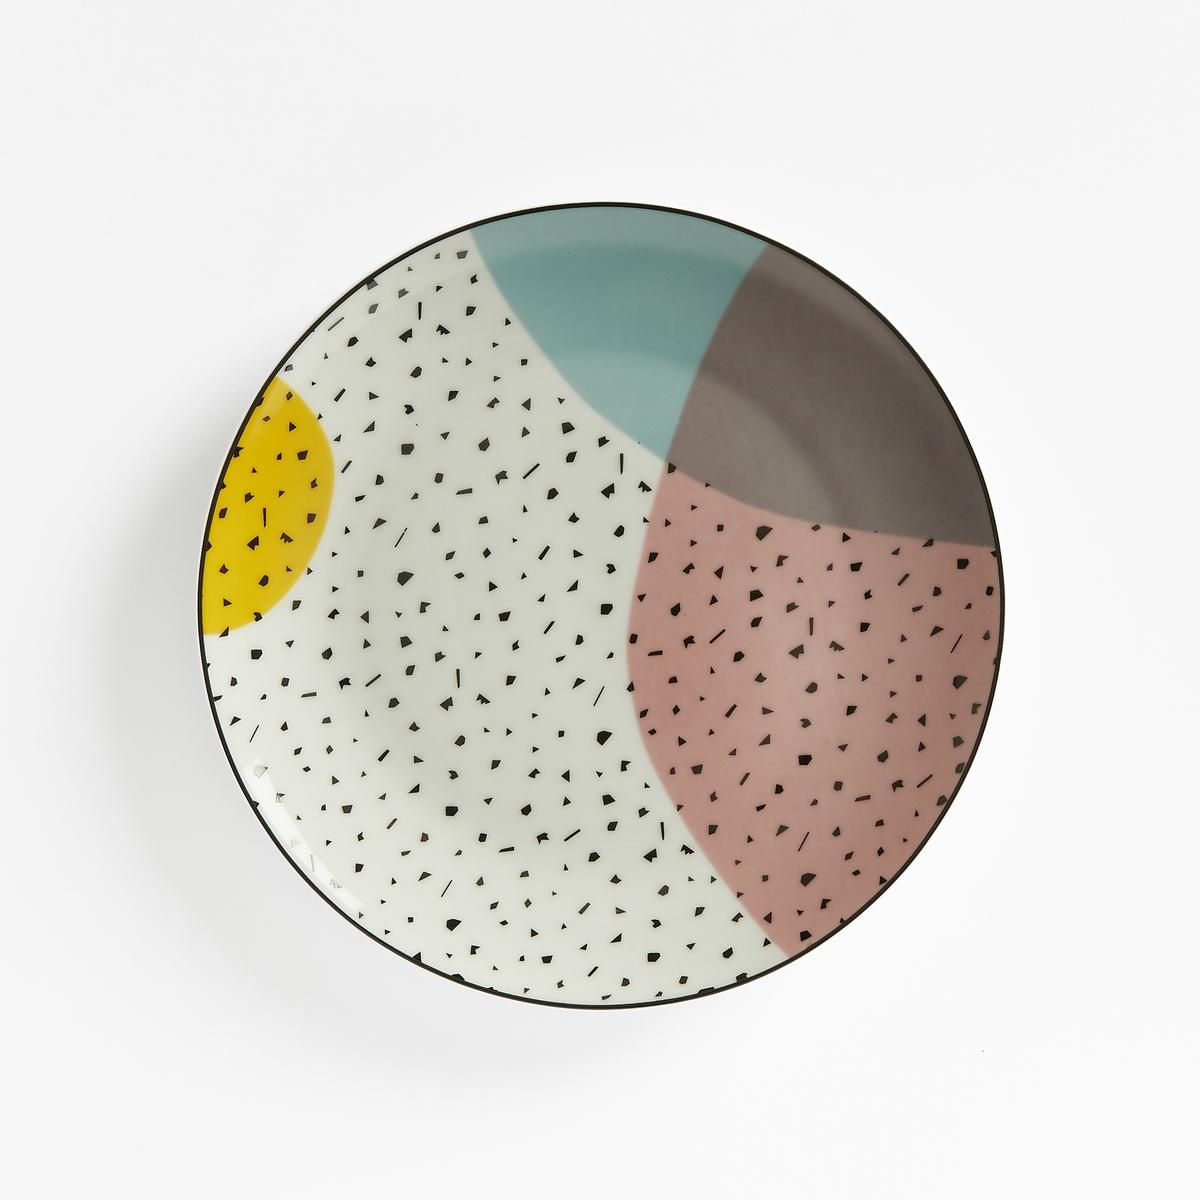 Комплект из 4 десертных тарелок с рисунком RENKLIТарелки с графическими и цветными рисунками добавят свежести вашему столу.Характеристики 4 тарелок Renkli :Из фаянса.Графический рисунокОднотонный кант контрастного цвета, нанесенный вручную.Подходит для посудомоечной машины и микроволновой печи.Размеры 4 тарелок Renkli :Диаметр 19,5 см.Другие предметы декора стола вы можете найти на сайте laredoute.ru<br><br>Цвет: набивной рисунок<br>Размер: единый размер